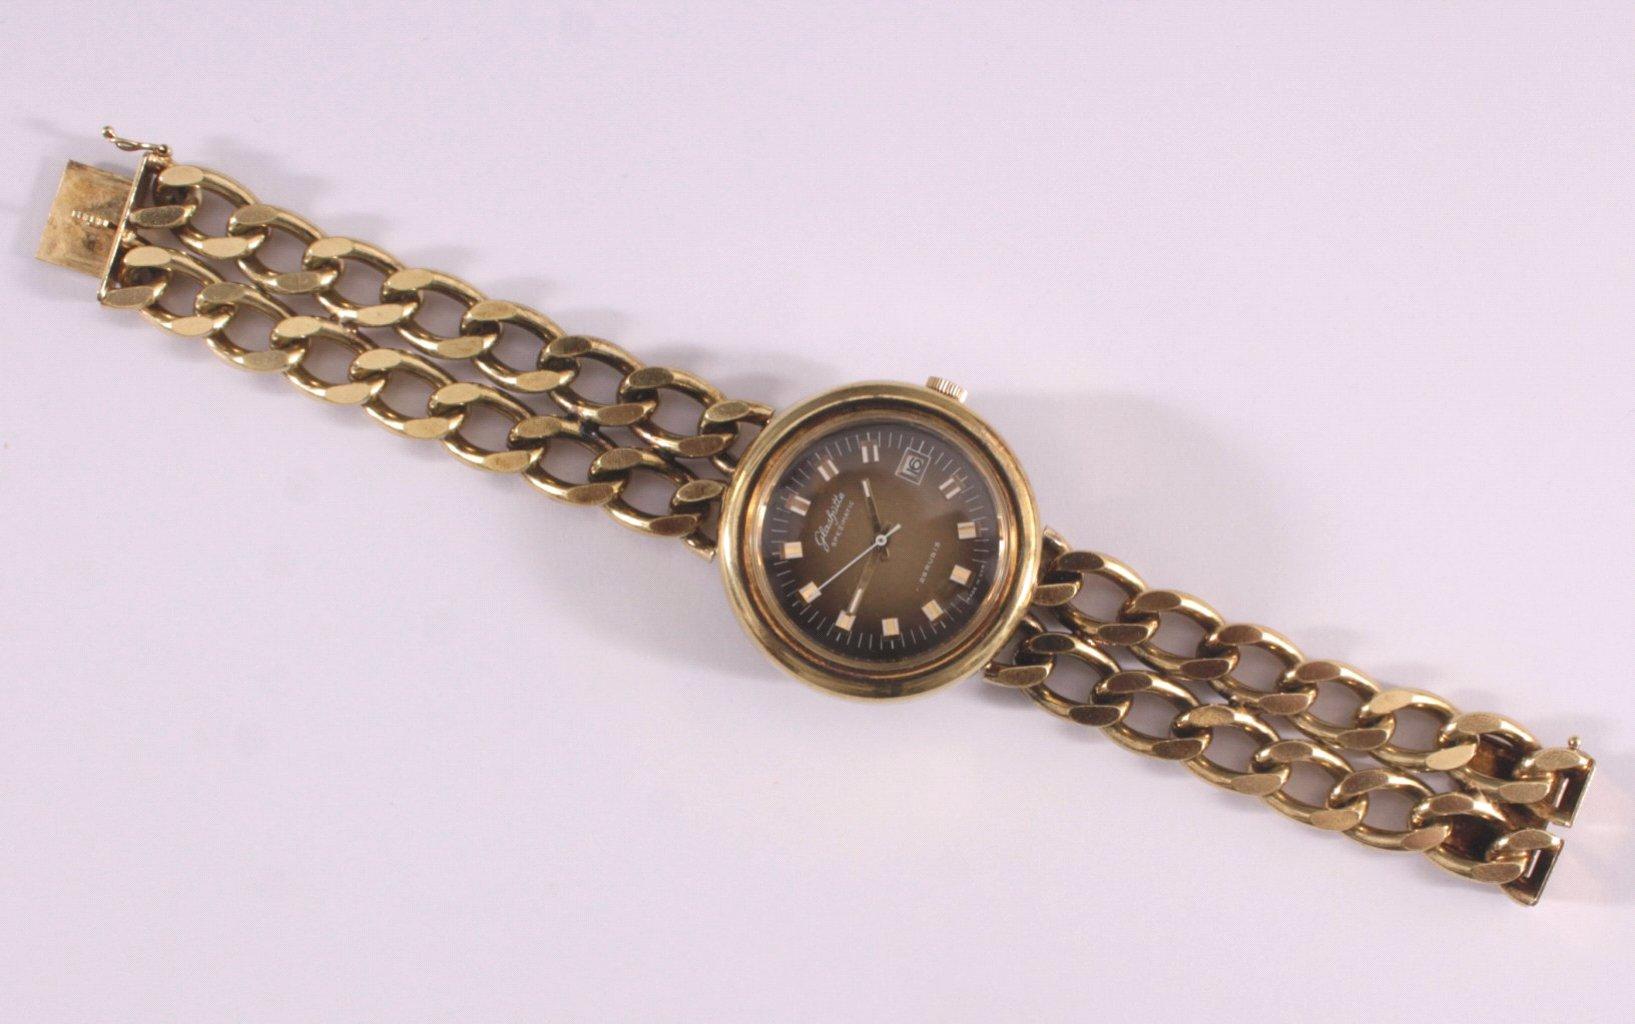 Glashütte Armbanduhr aus den 70er Jahren, Vintage